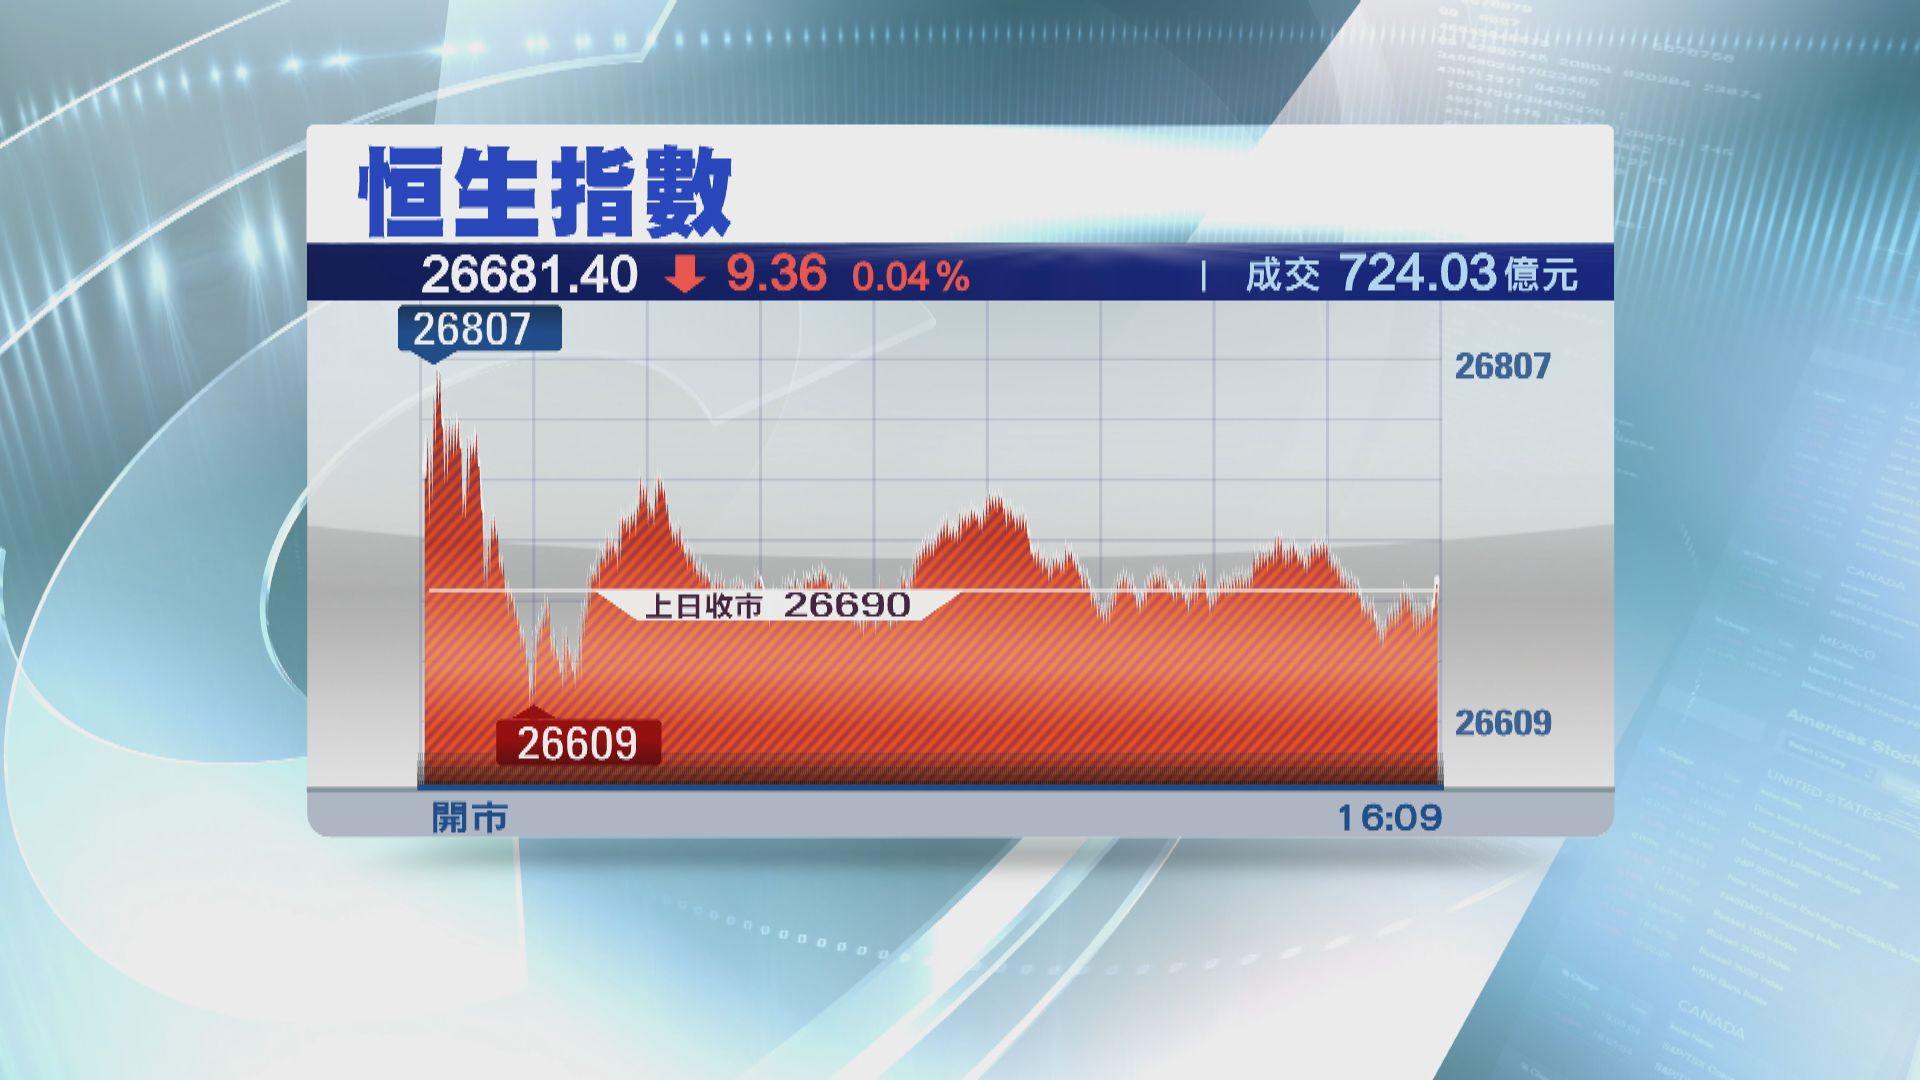 【降準刺激有限】恒指微跌9點 納入港股通股份抽升